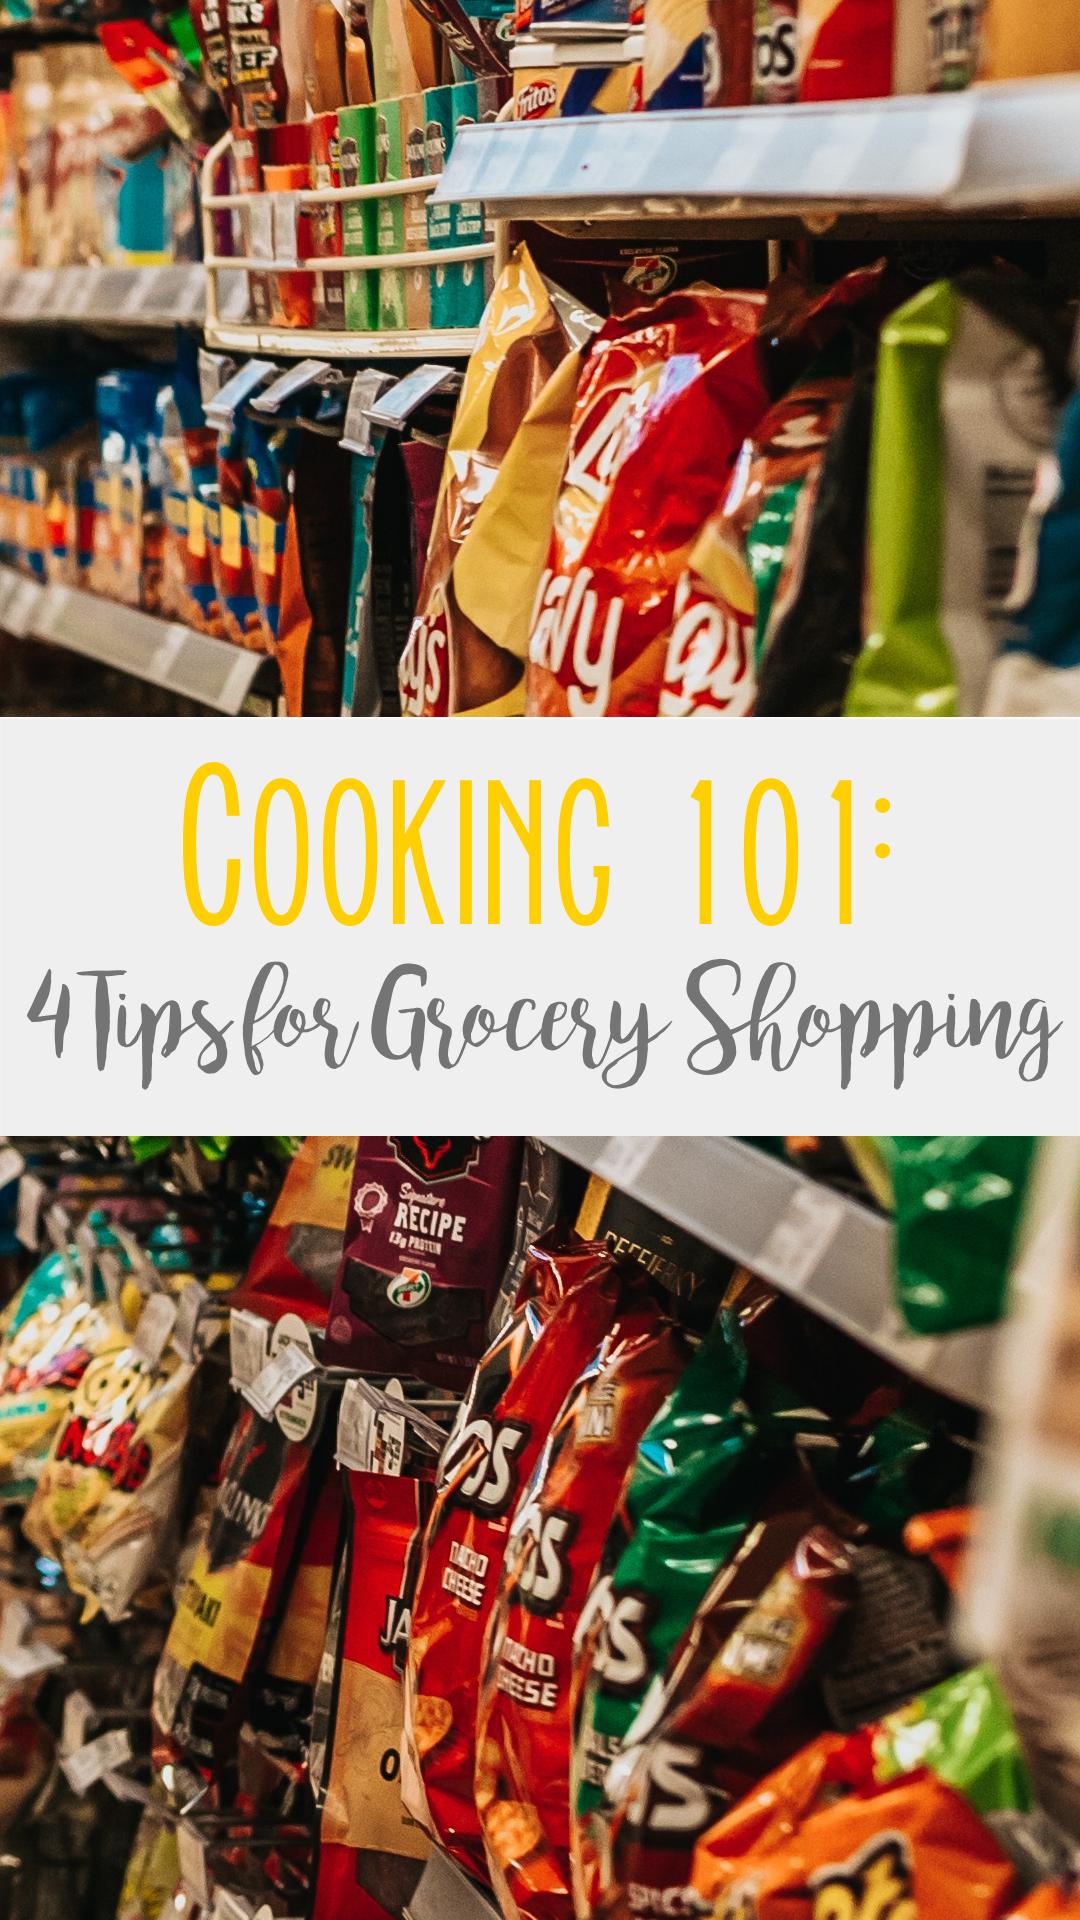 shopping tips.jpg